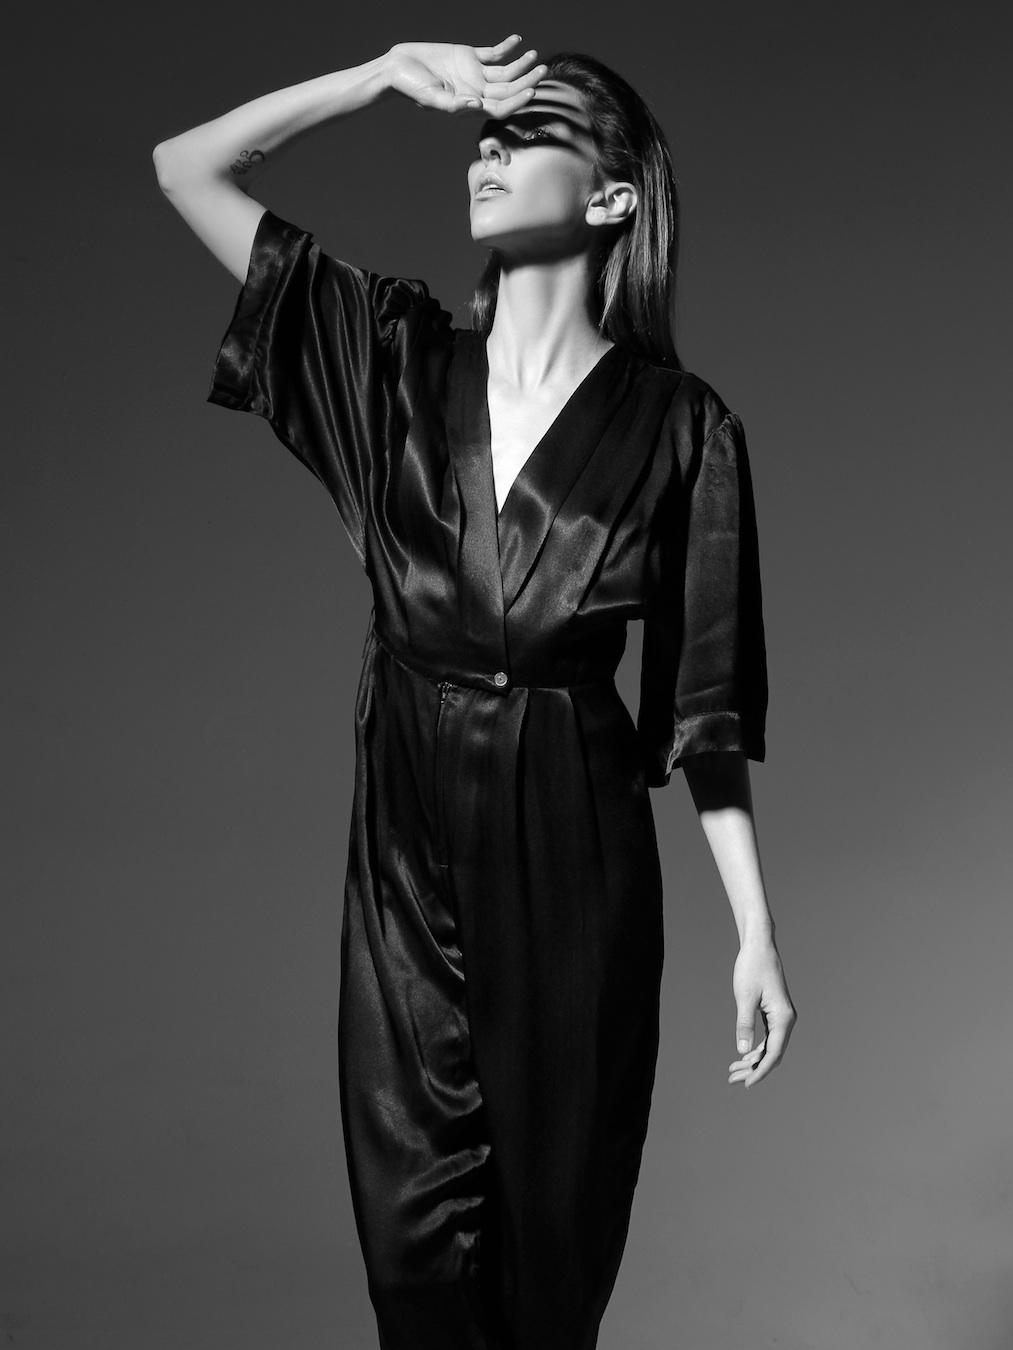 Shoshanna Withers High Fashion